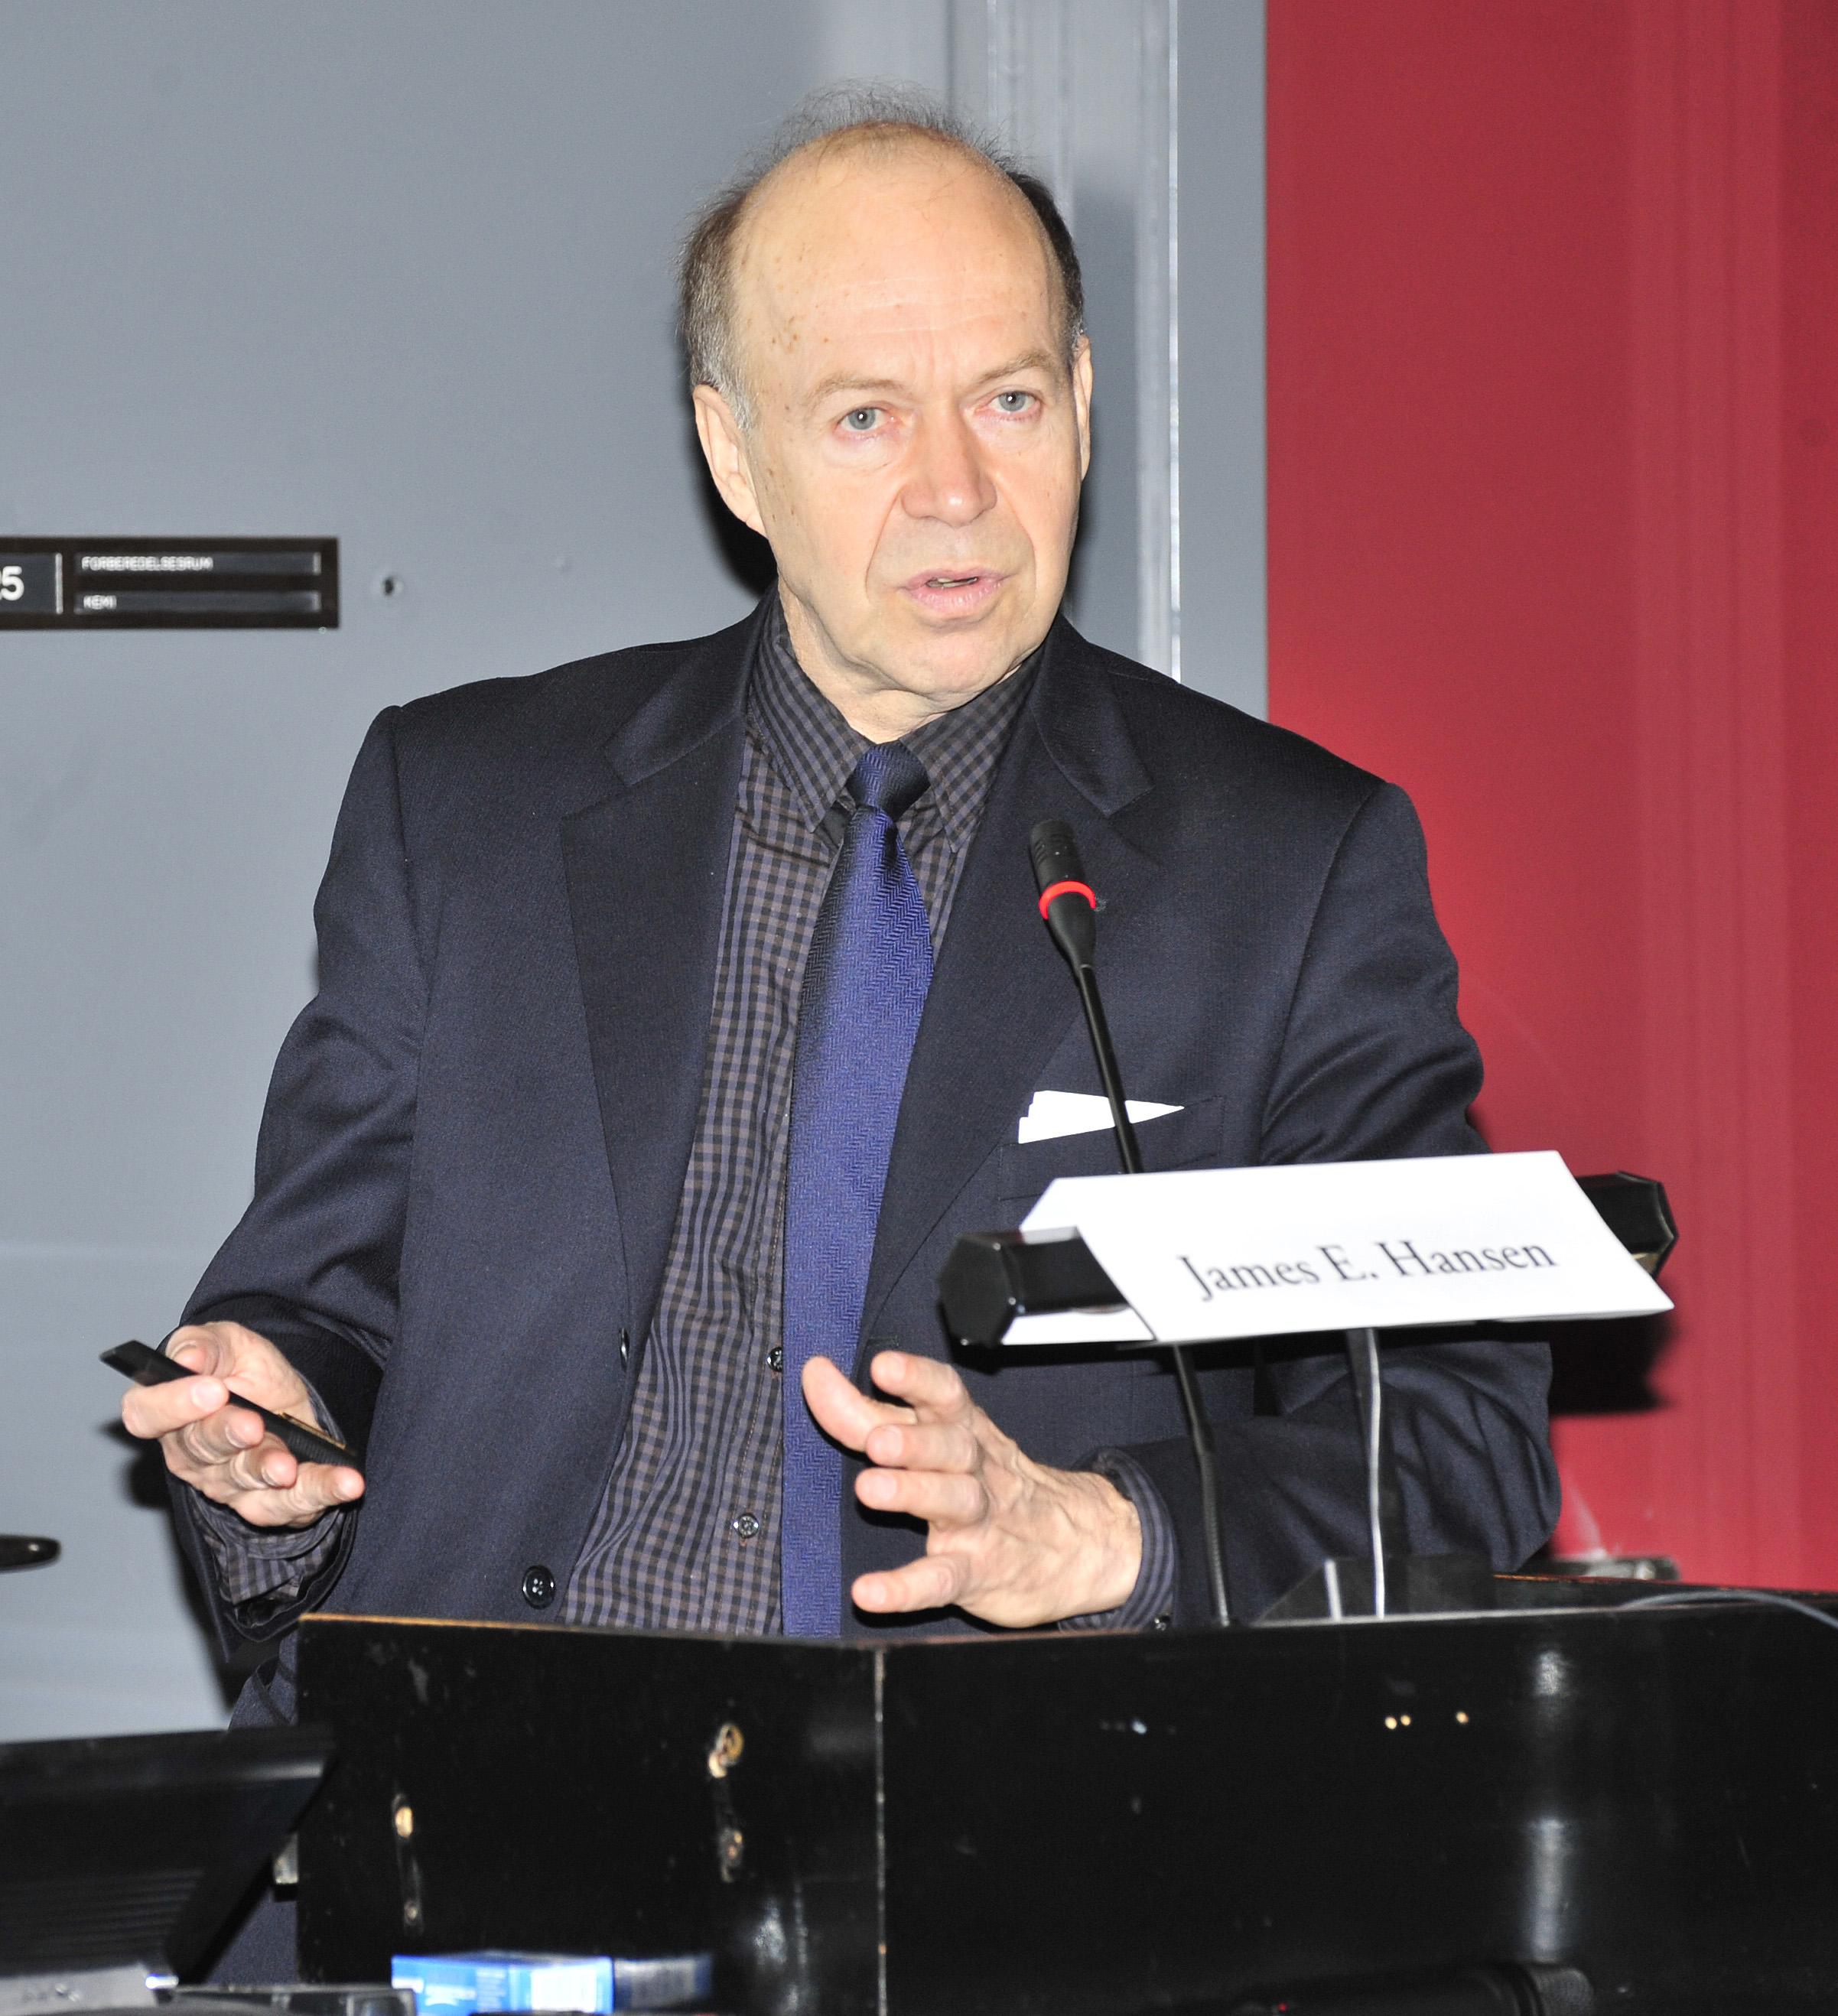 Джеймс Эдвард Хансен о глобальных изменениях климата в 2018 году